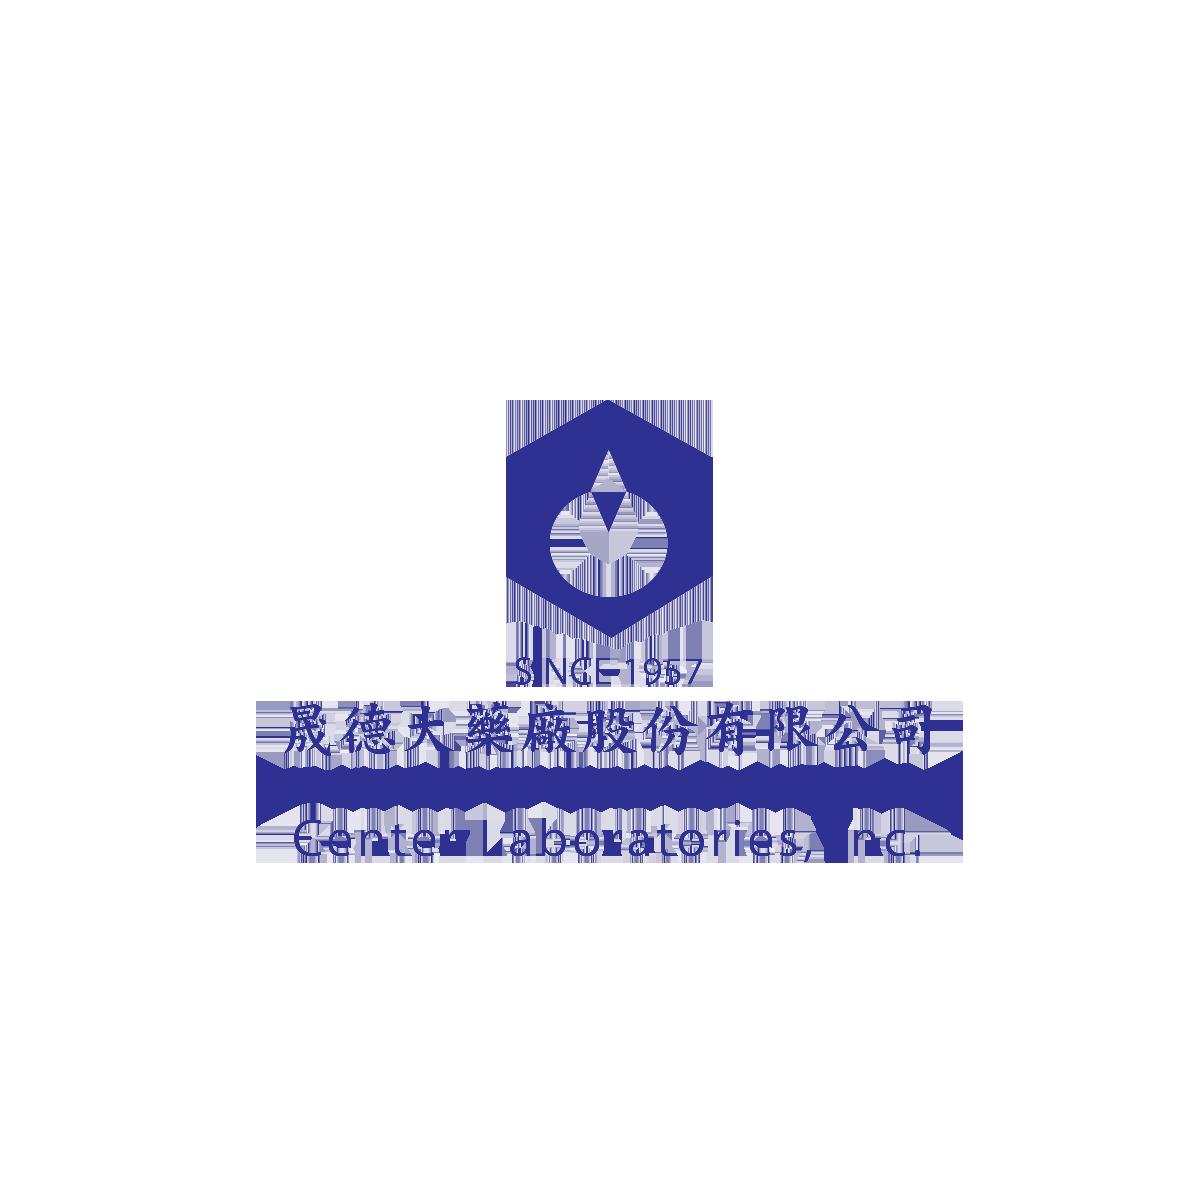 晟德辦公室-Logo